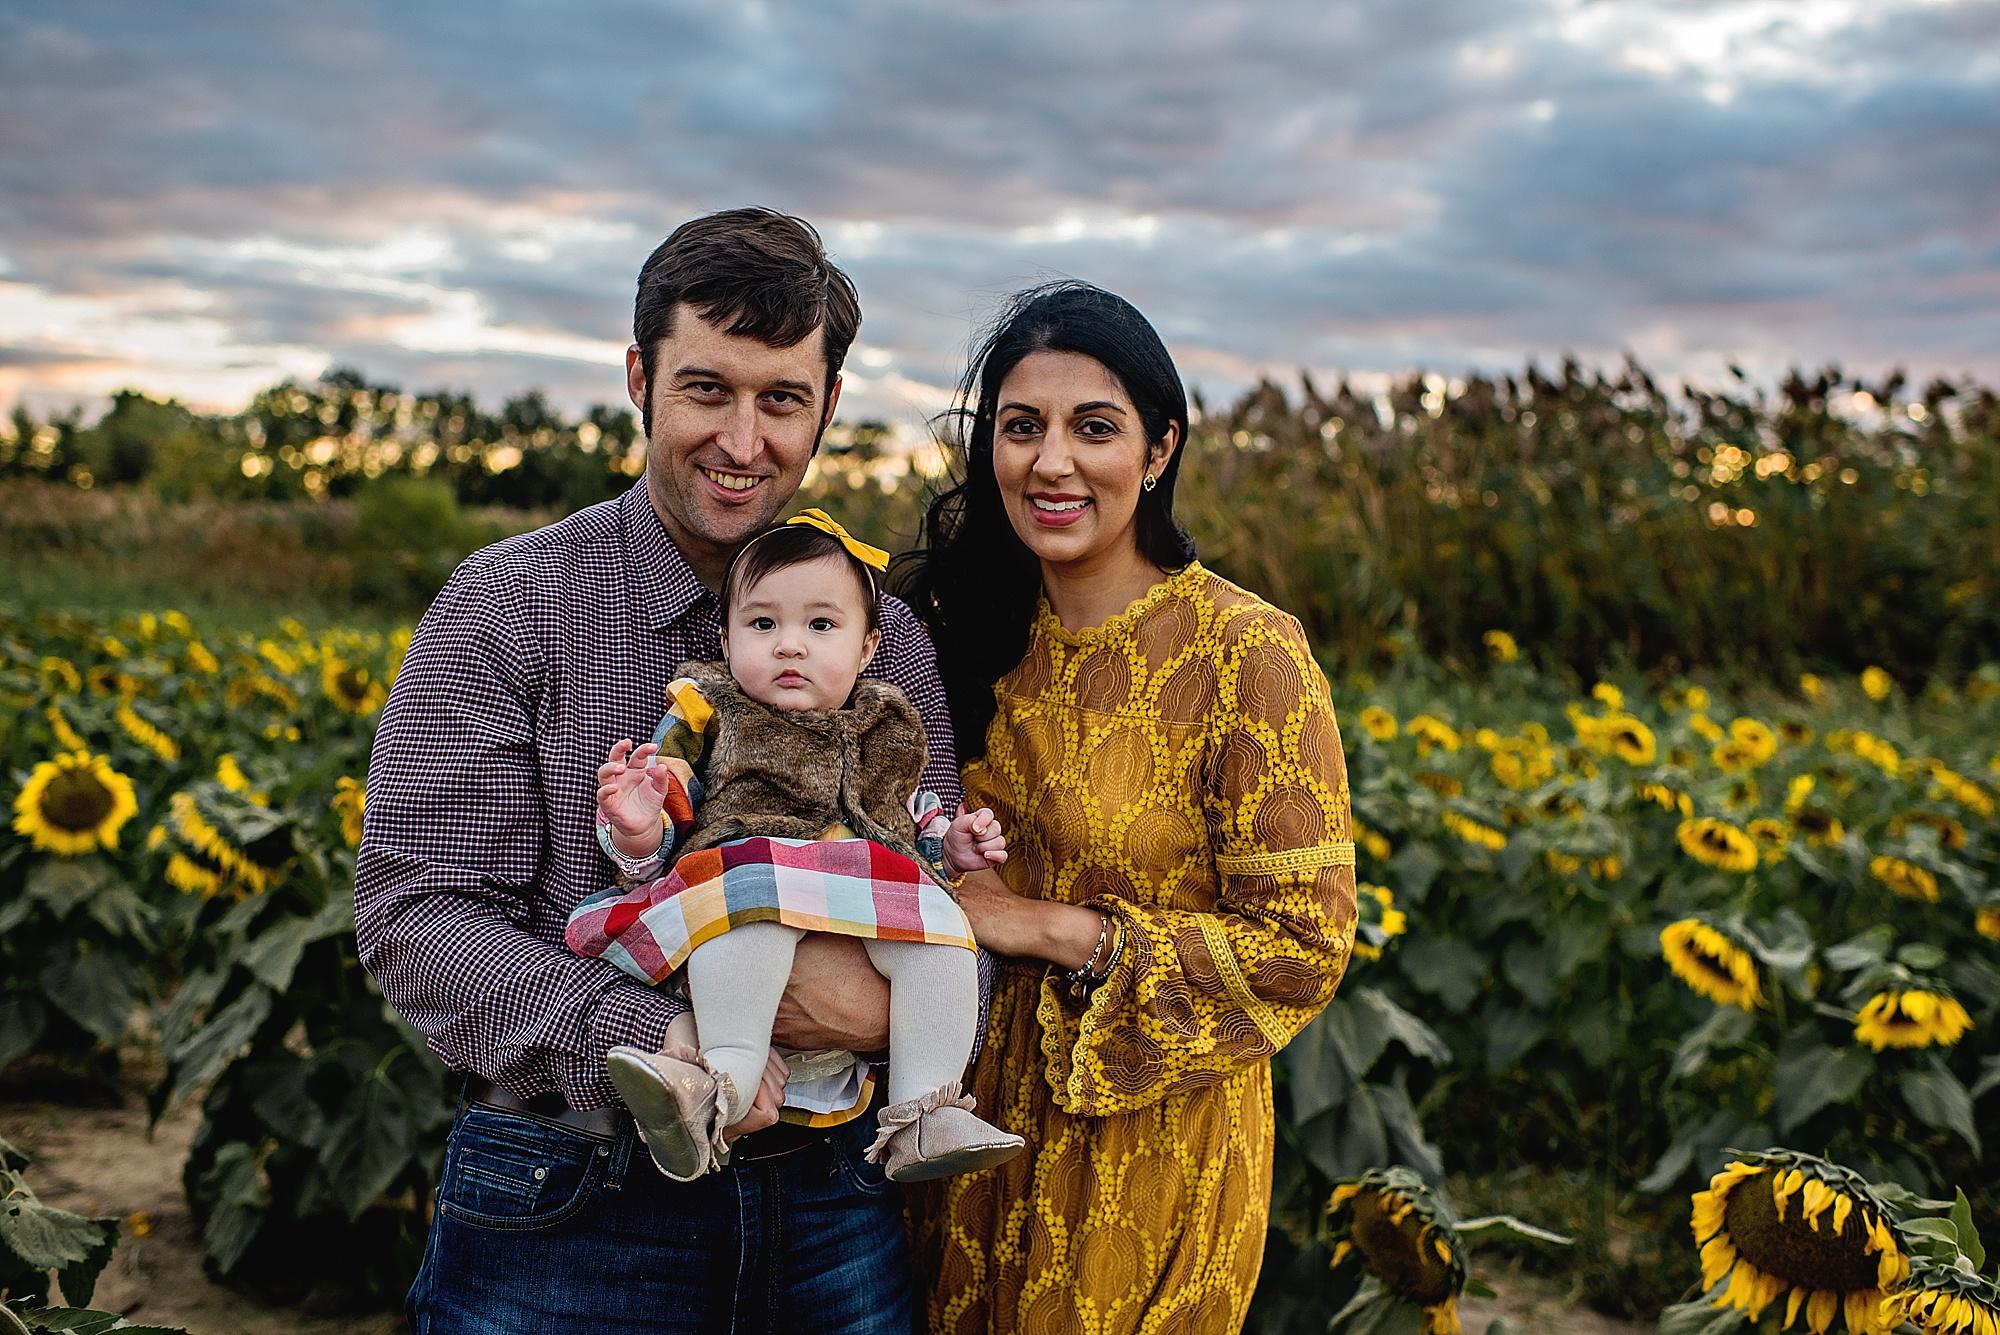 Turner-family-akron-ohio-photographer-lauren-grayson-sunflower-field-session_0014.jpg